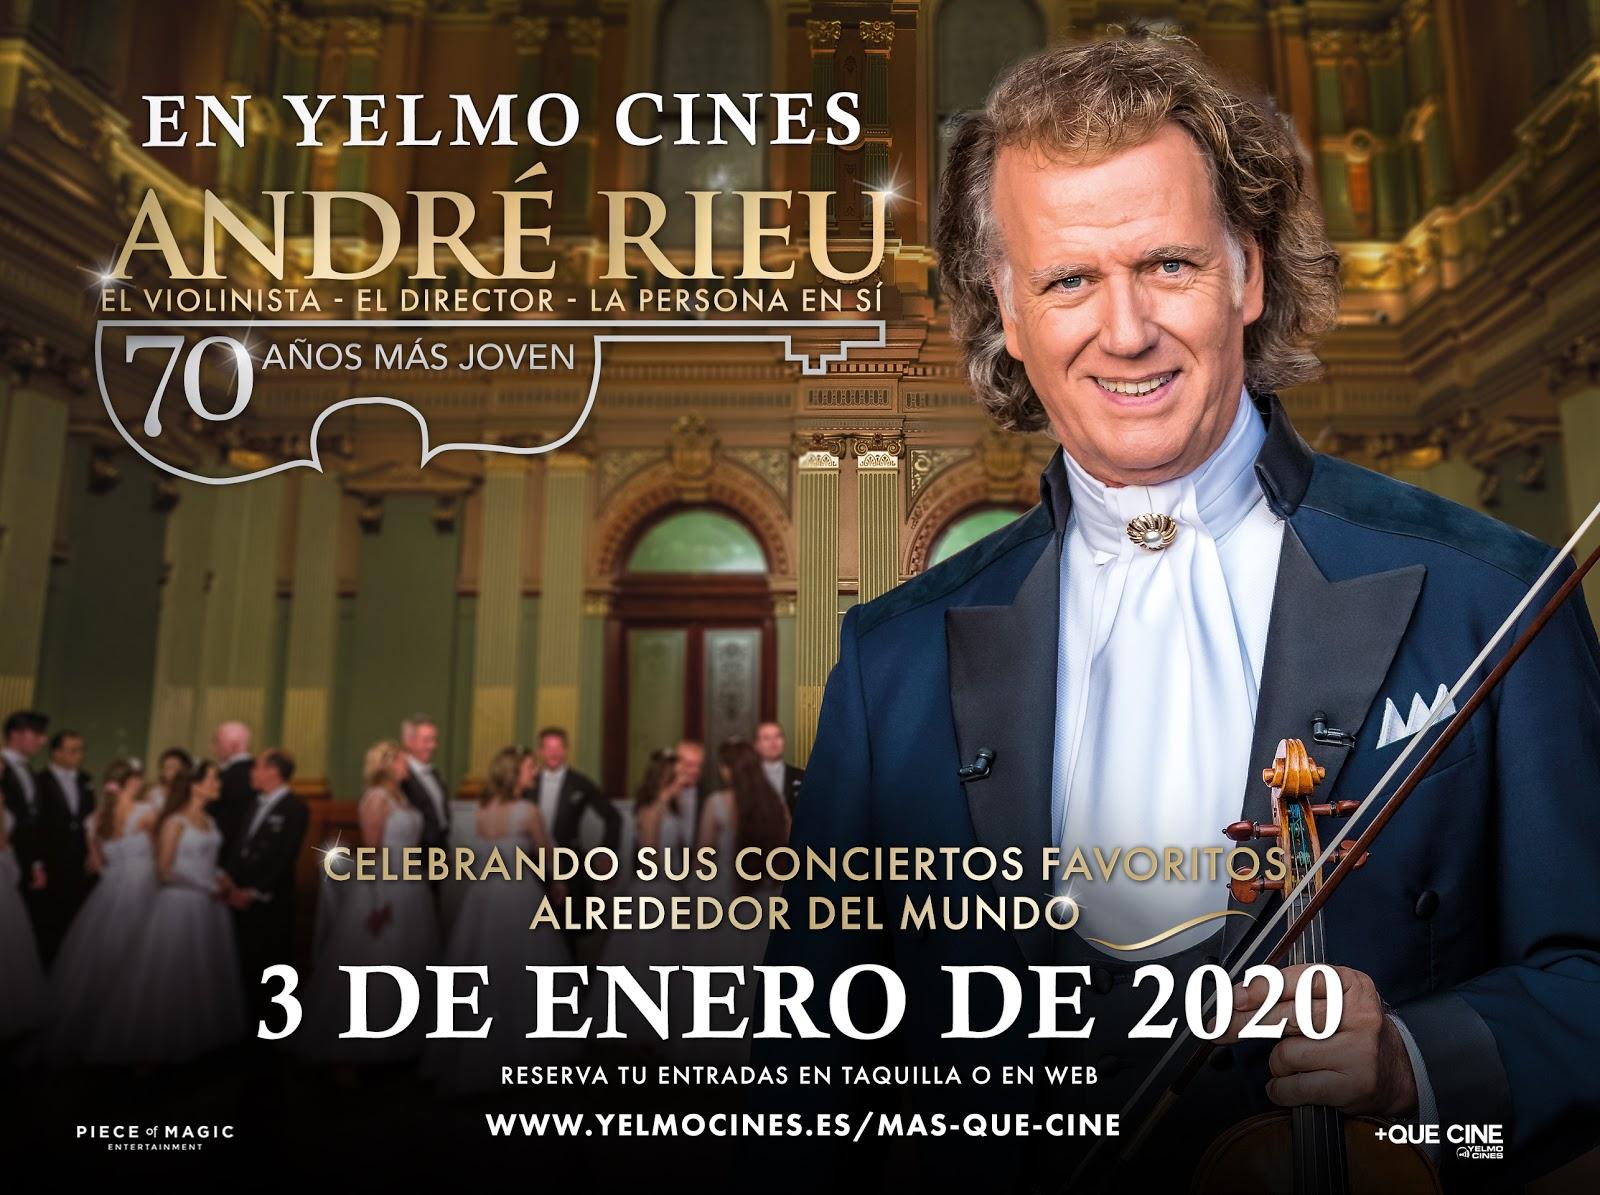 """+Que Cine de Yelmo Cines te invita a celebrar el cumpleaños del """"rey de vals"""": André Rieu 70 años más joven"""